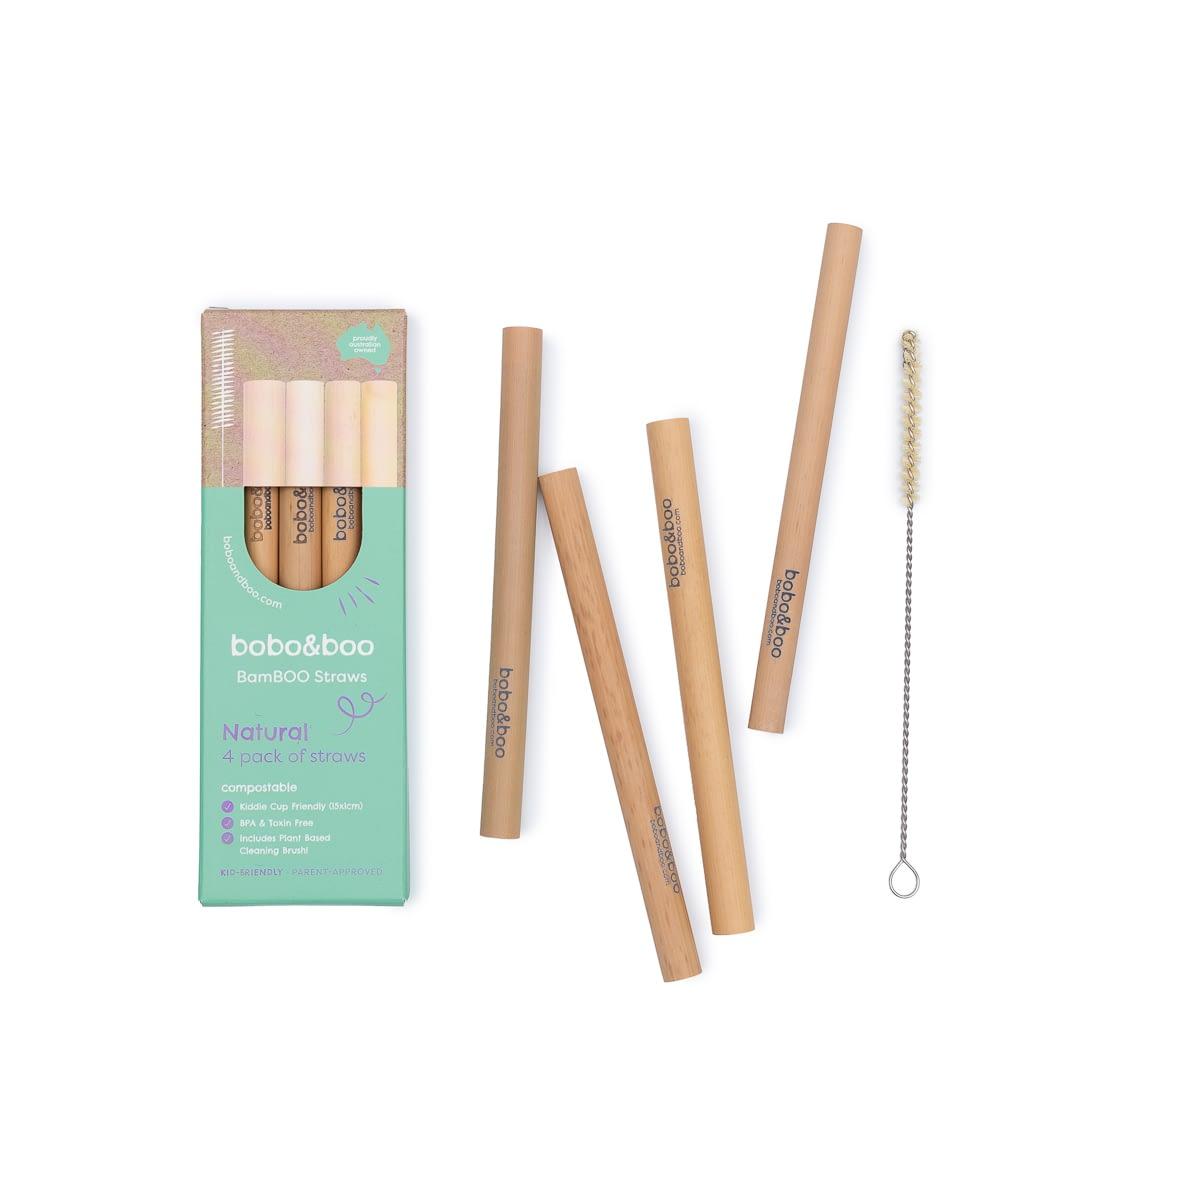 Bobo&boo bamboo straws